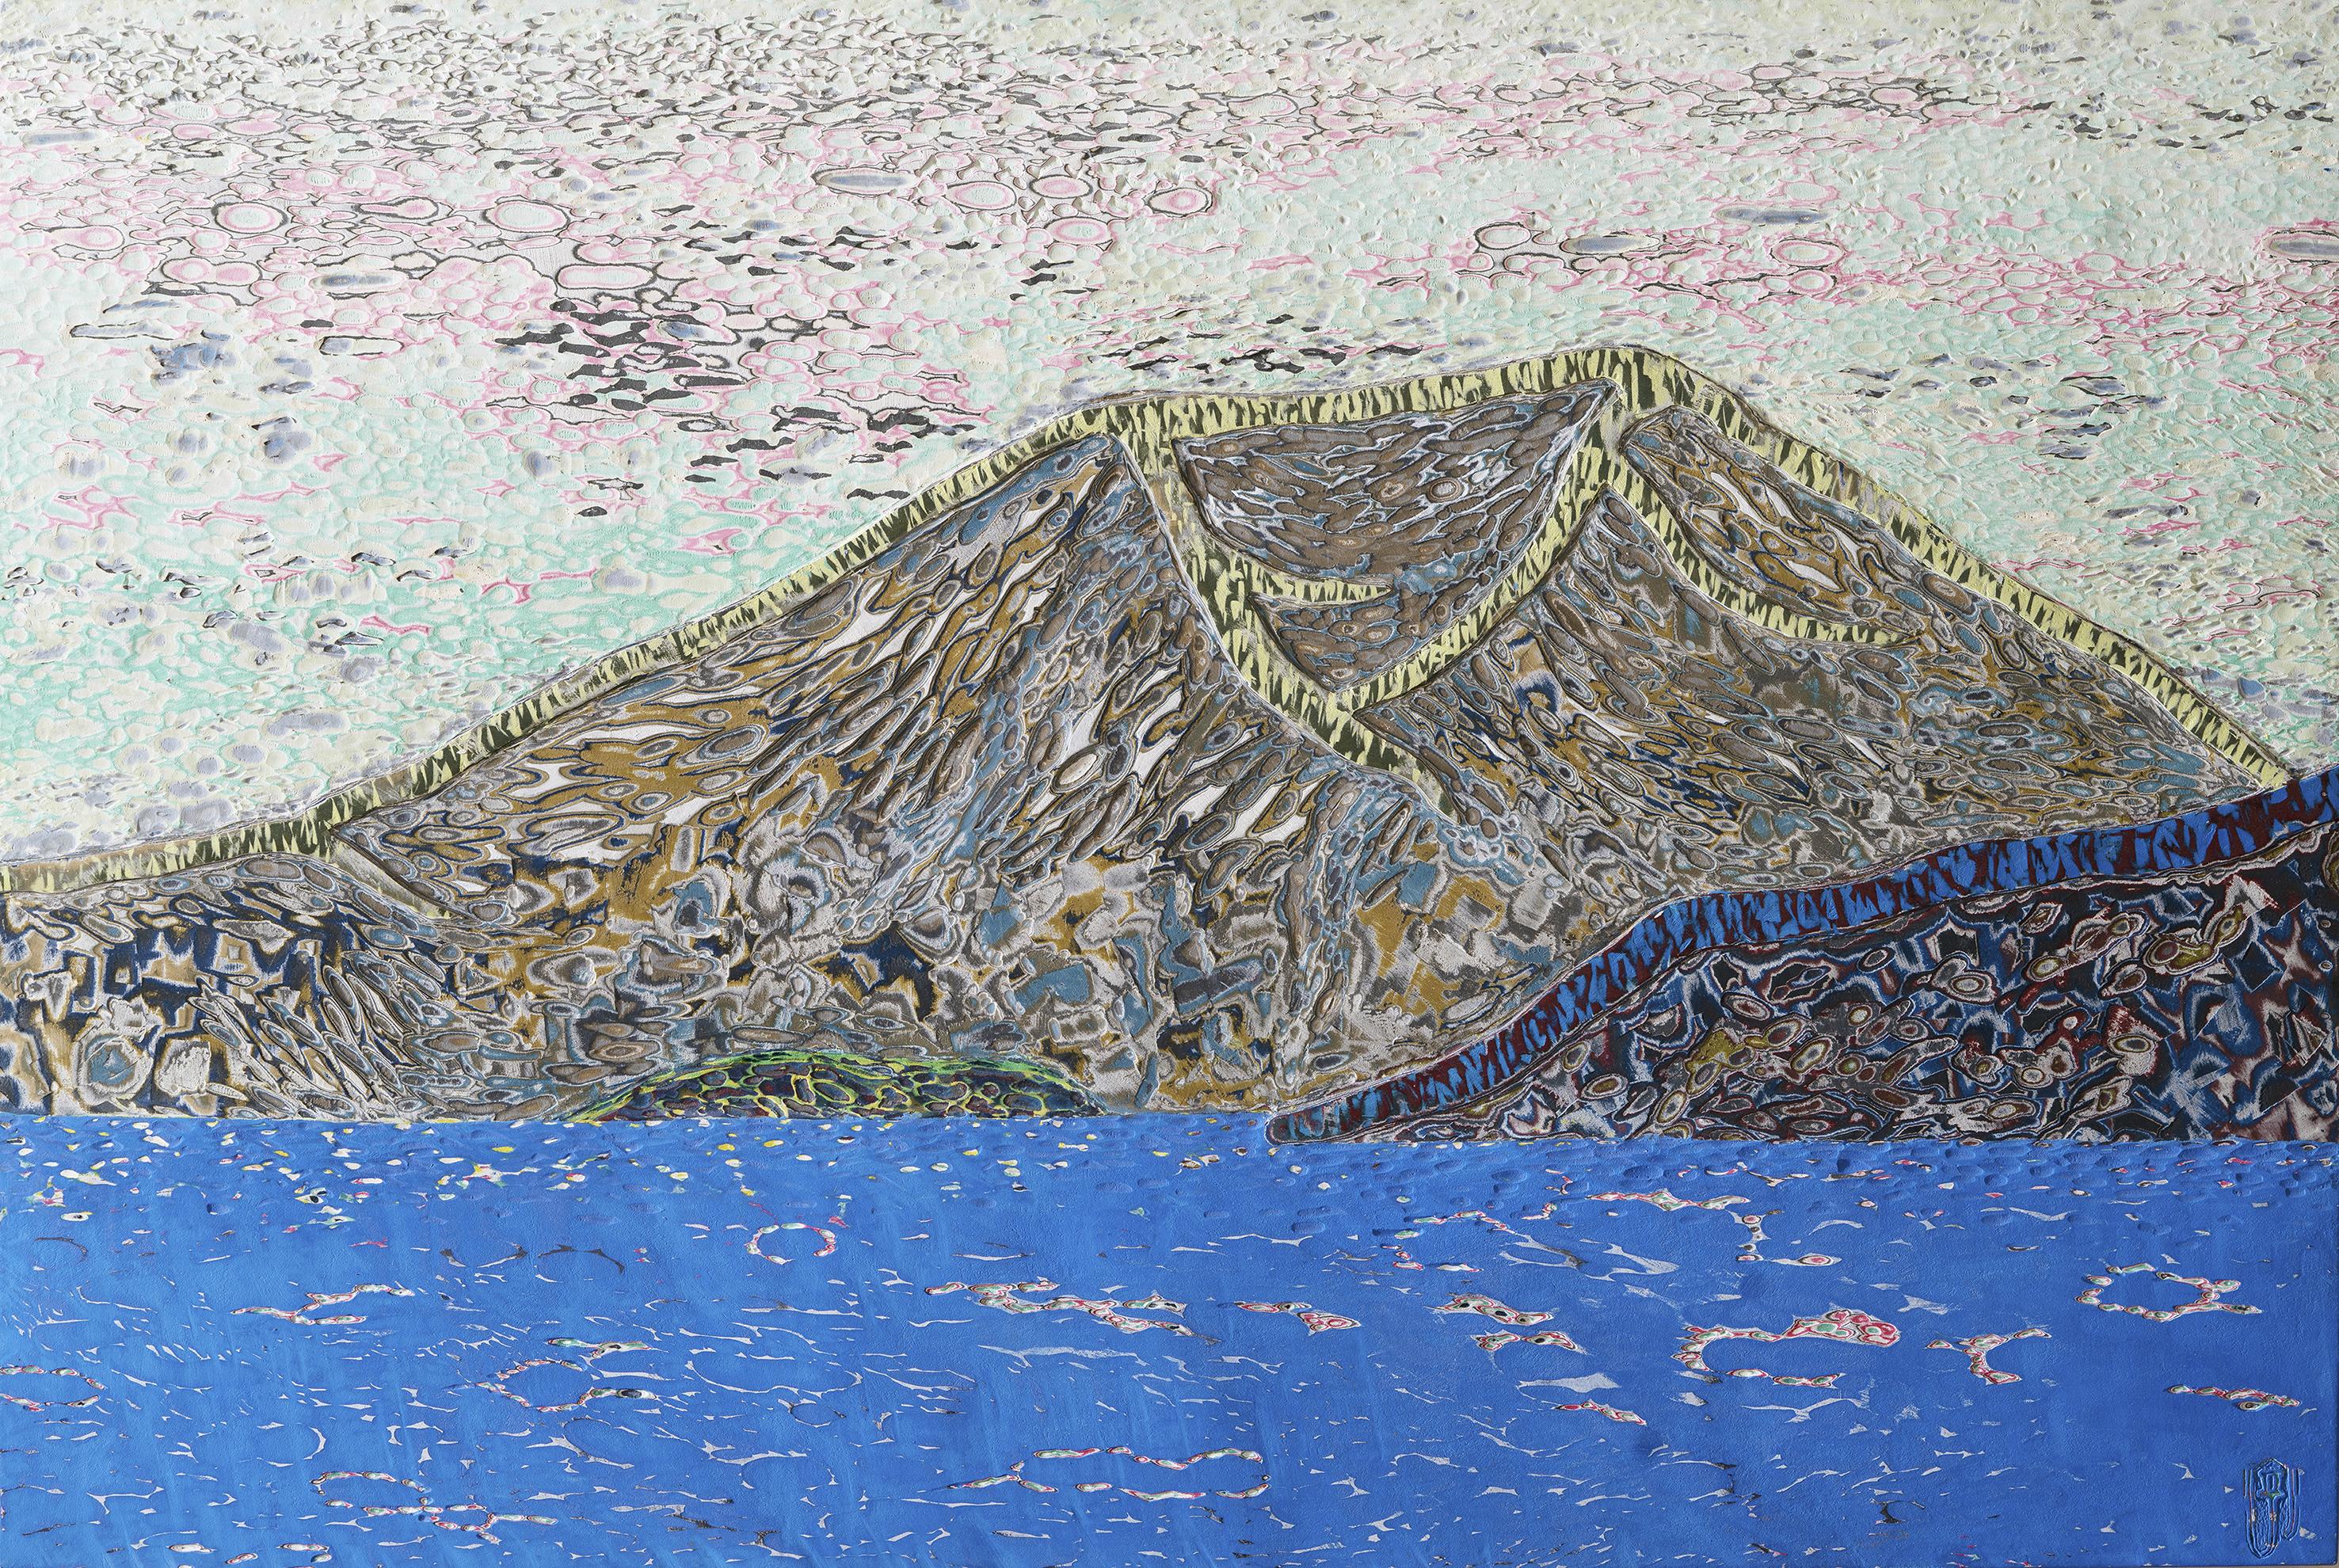 011, 김재신, 섬, 97 x 146 cm(80호), 나무판 위 색조각